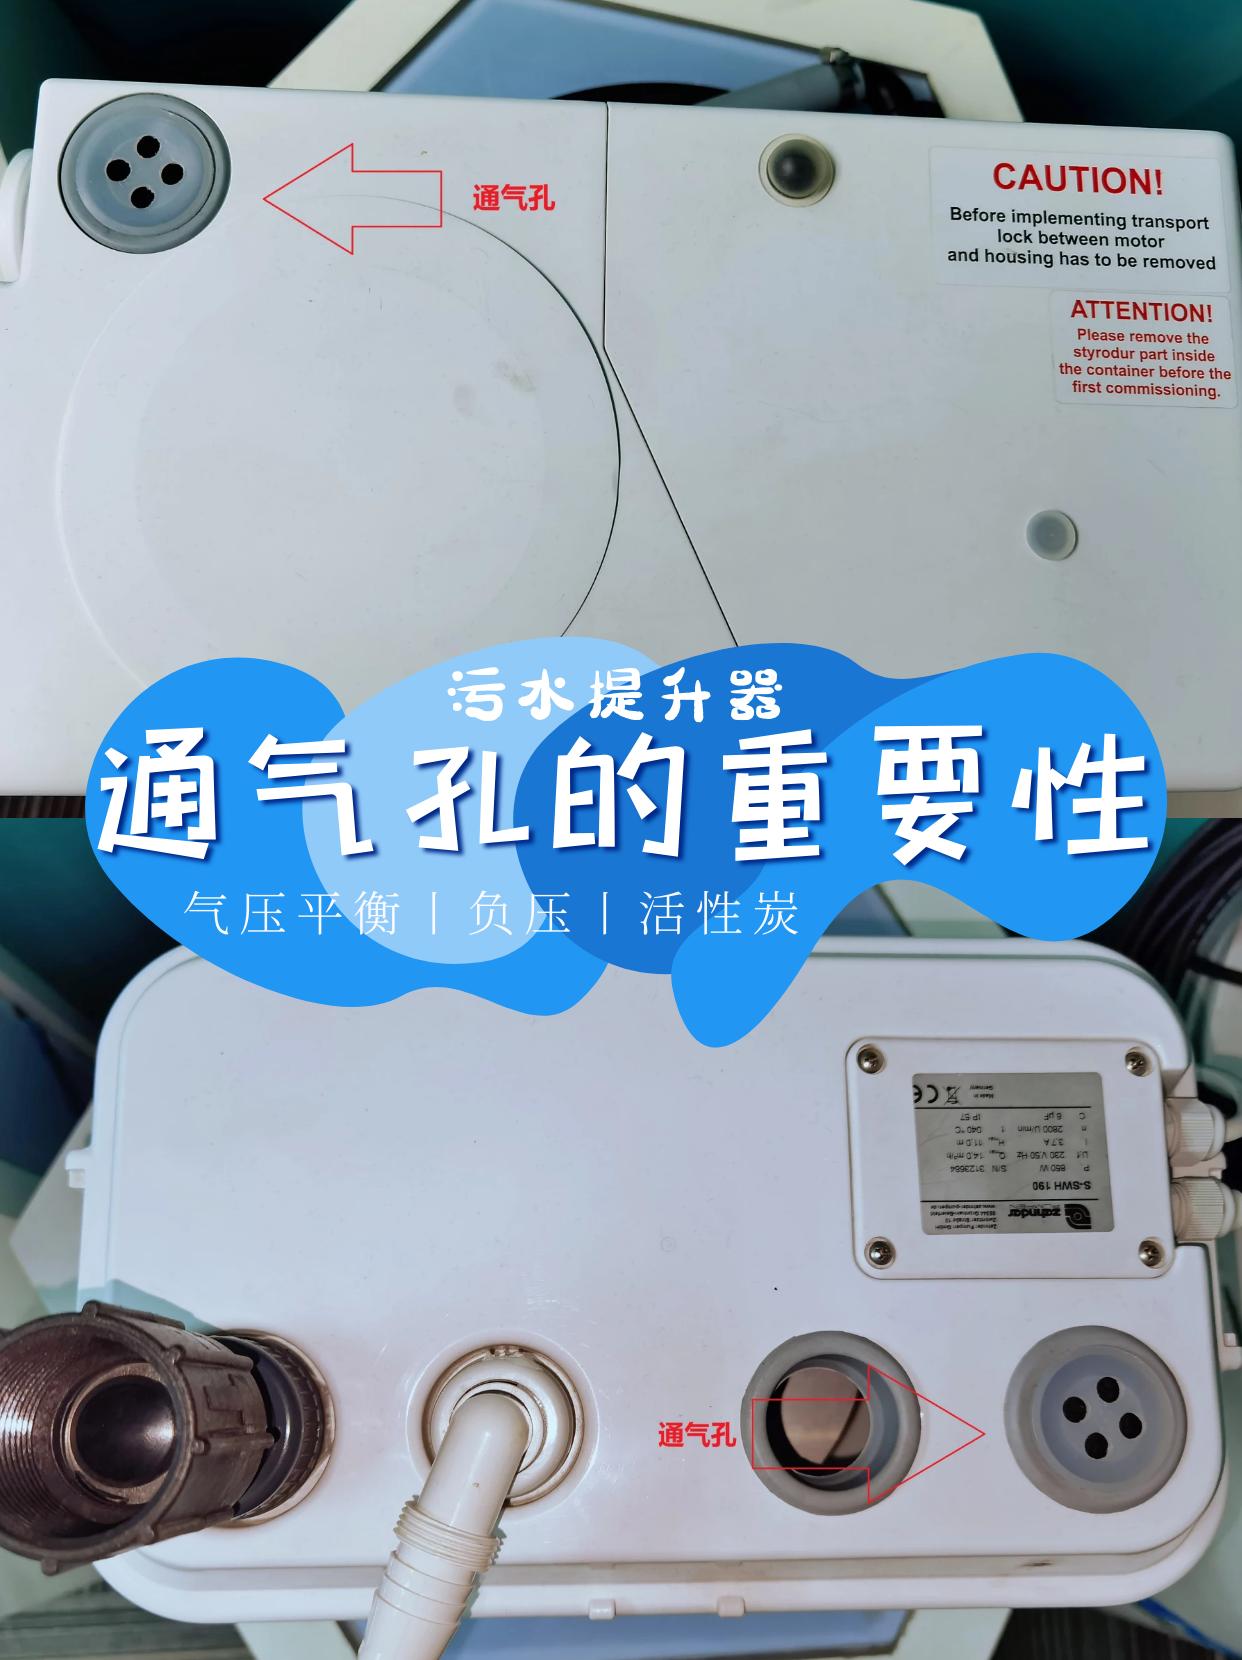 污水提升器通气孔被堵塞产生的后果是什么?